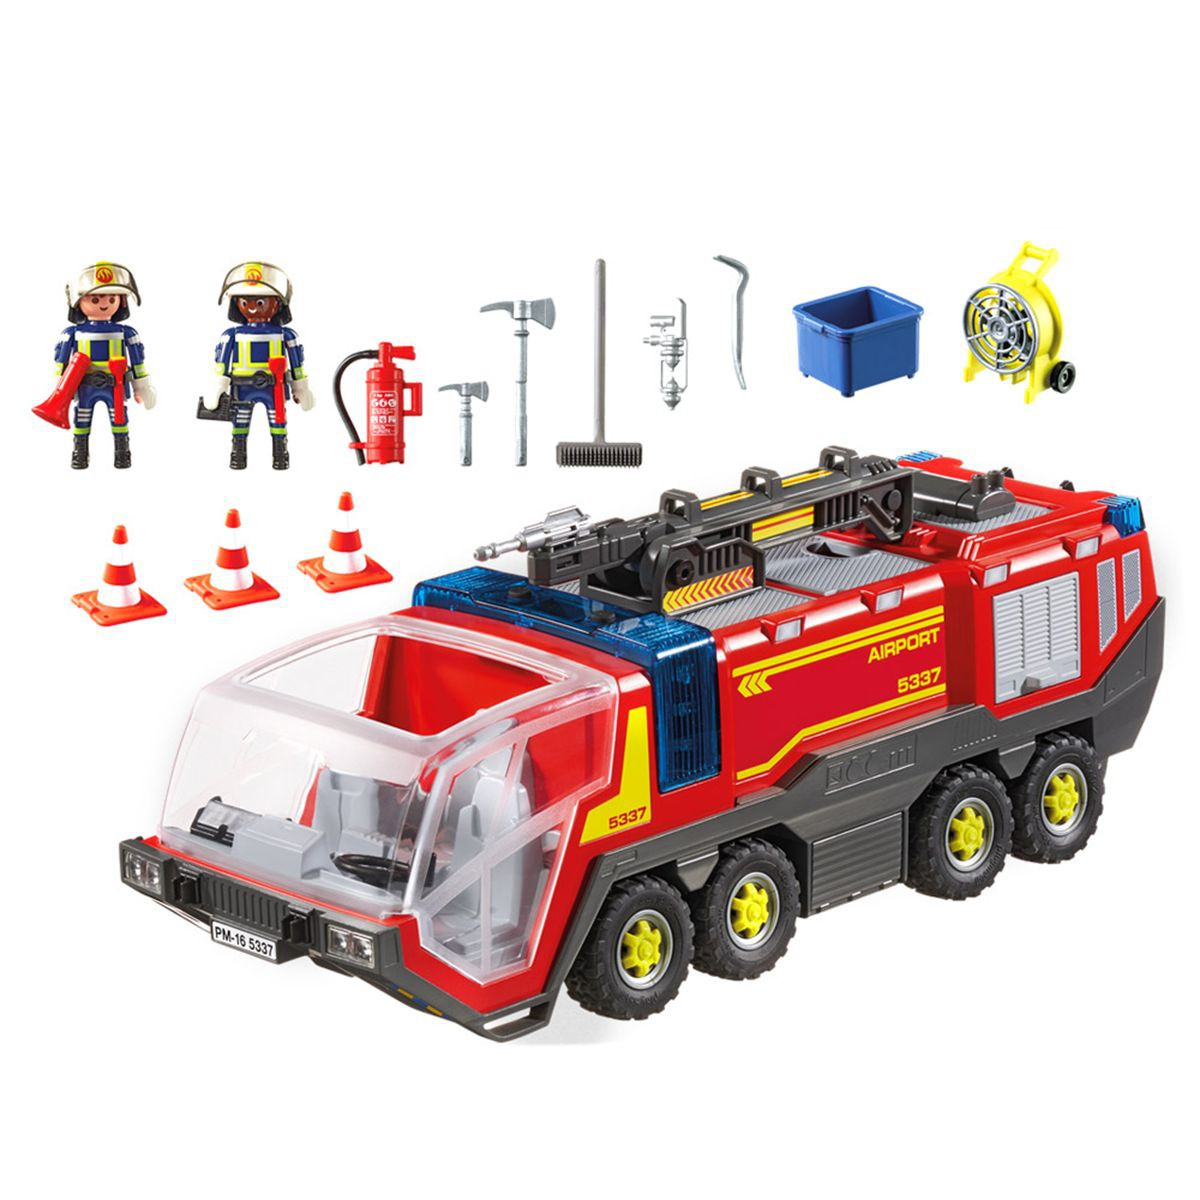 Playmobil pompier avec vehicule aeroportuaire